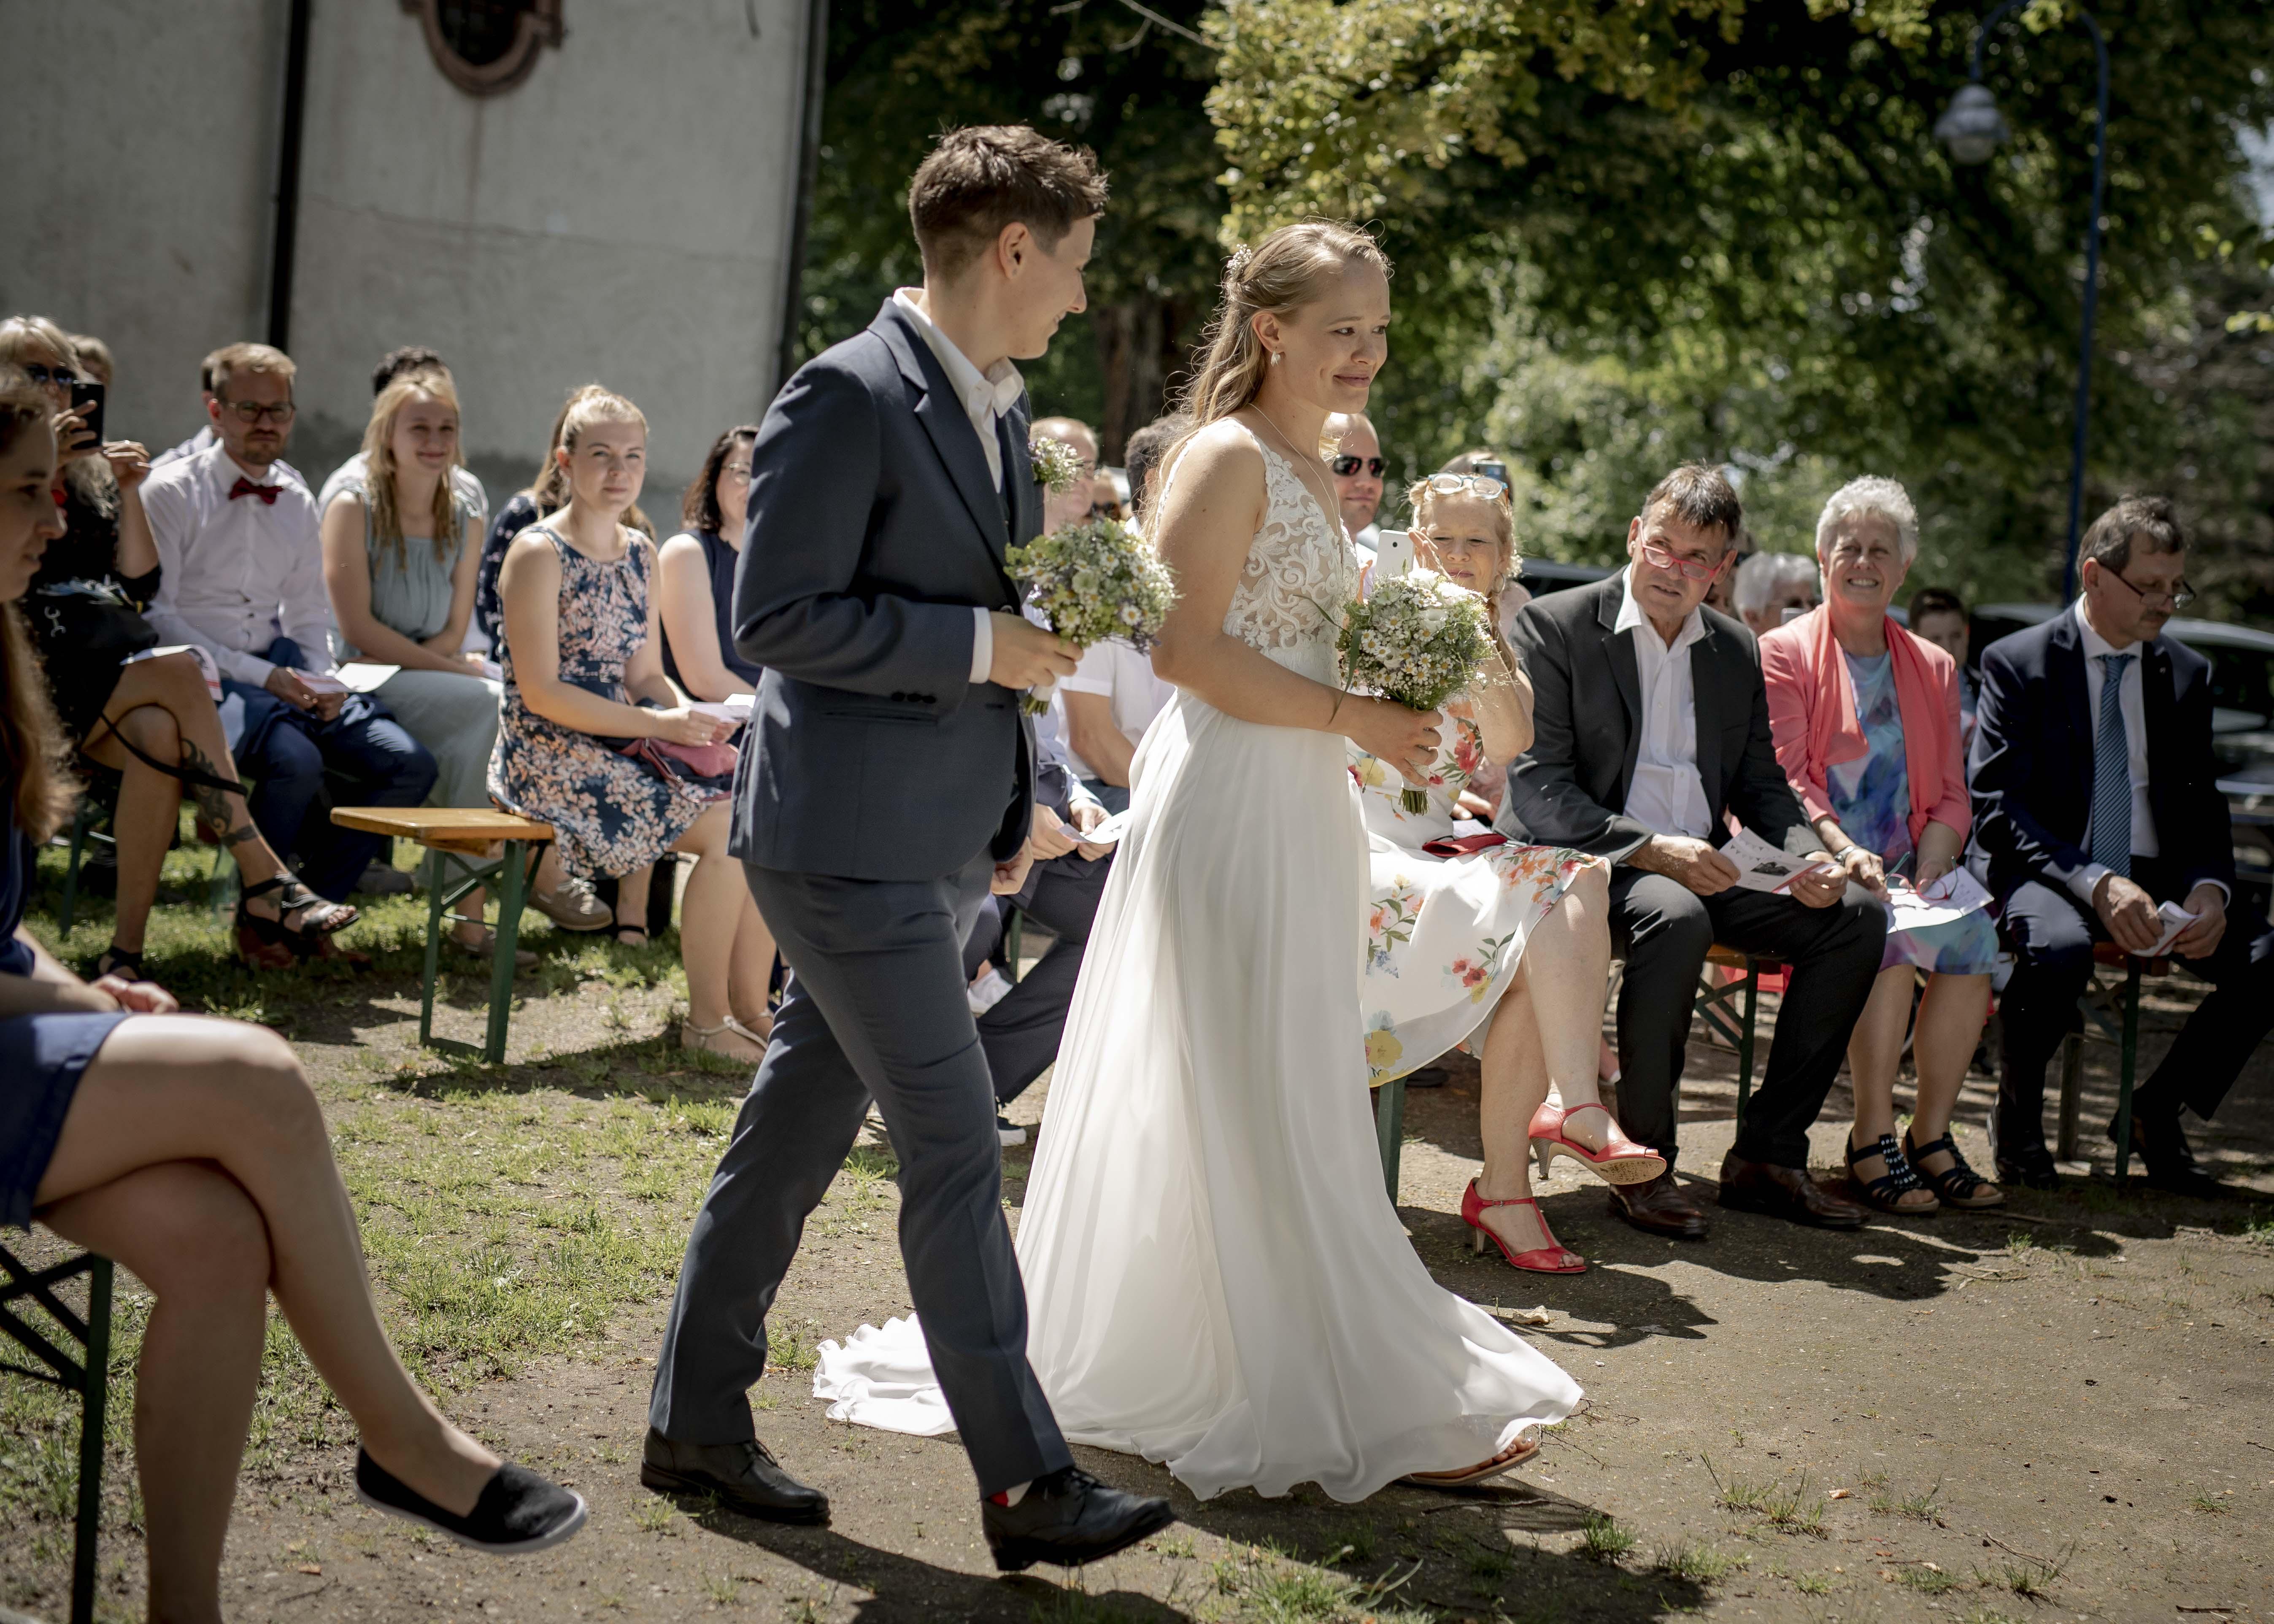 Lifestylephotodesign Hochzeit Freietrauung Schlossberg Freiburg Fotografie 005